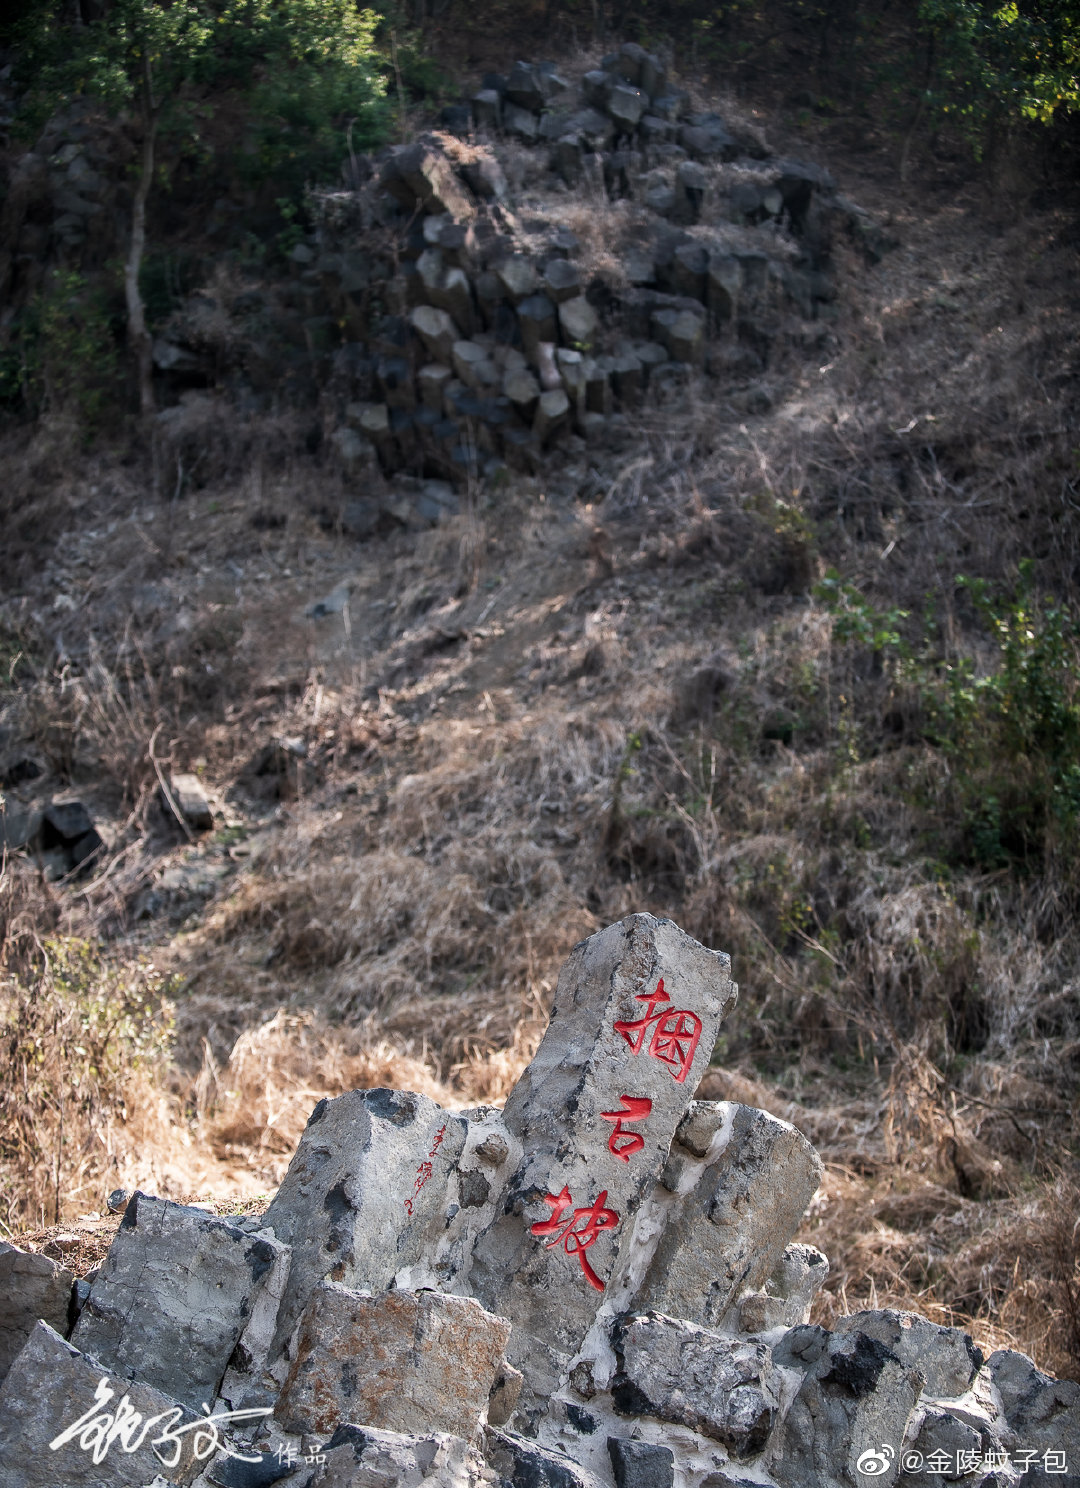 扬州捺山地质公园有很多火山爆发后的自然景观